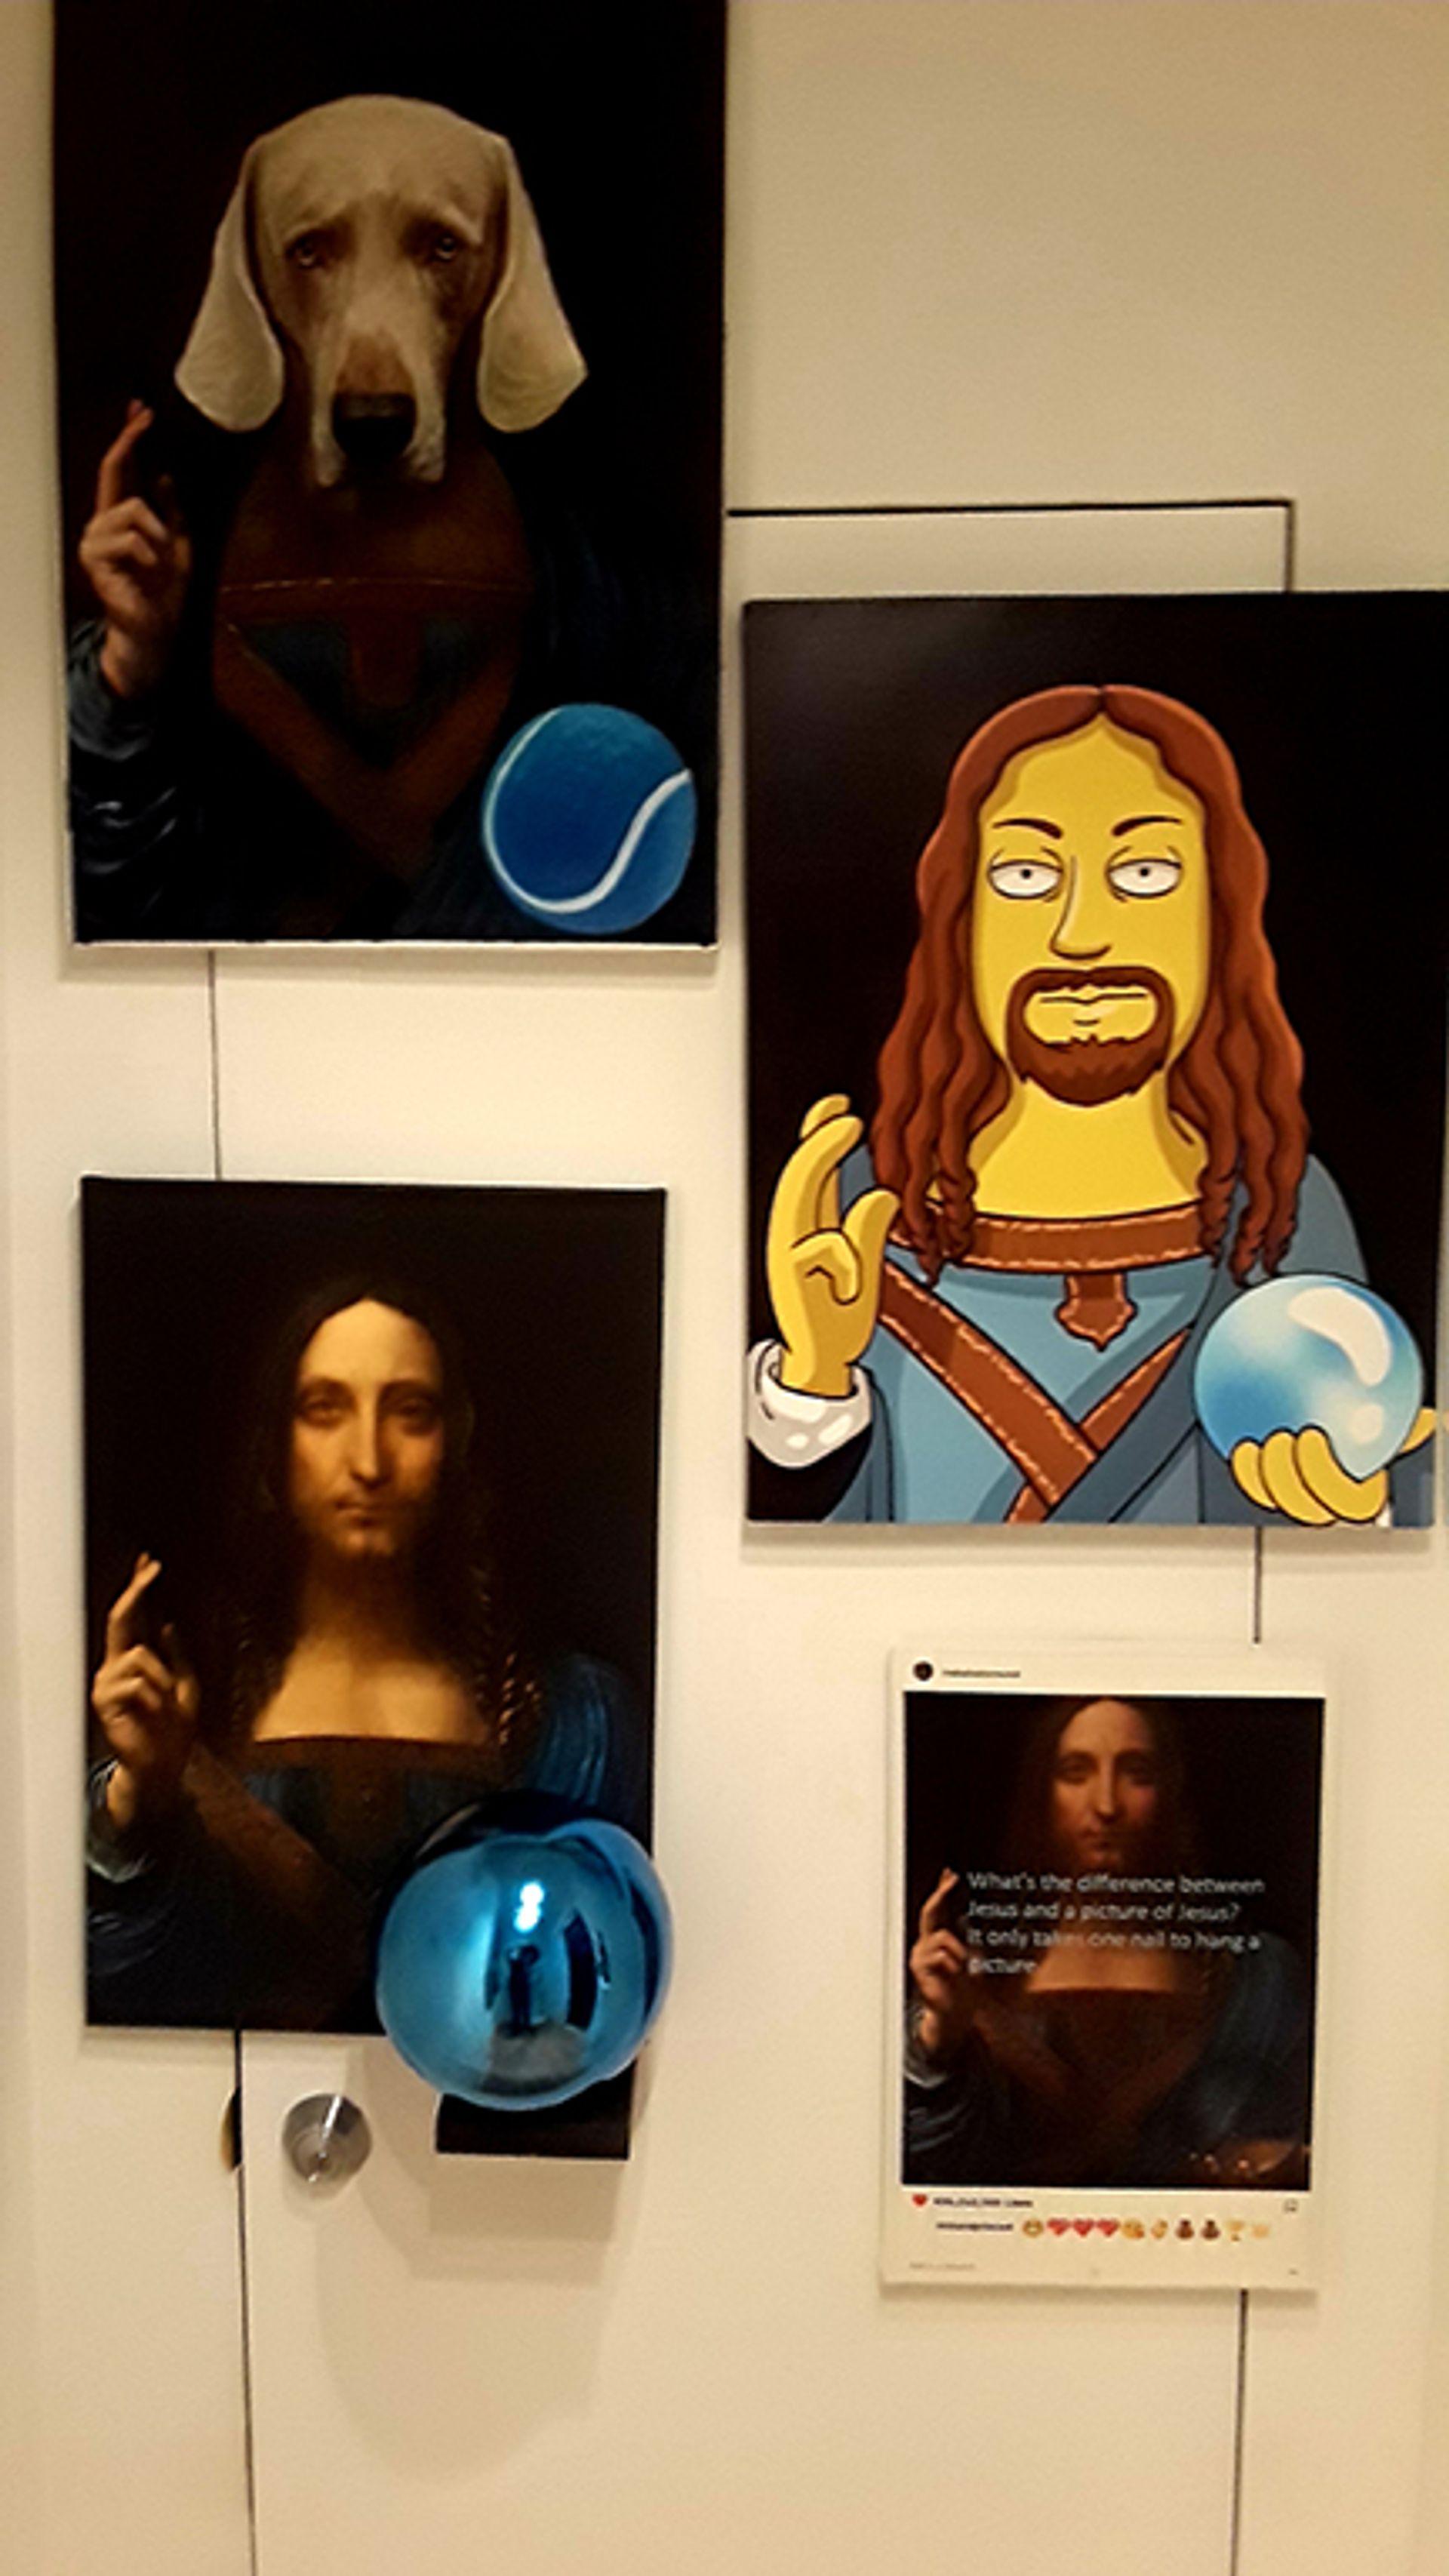 Works inspired by the Salvator Mundi realsalvatormundi.com